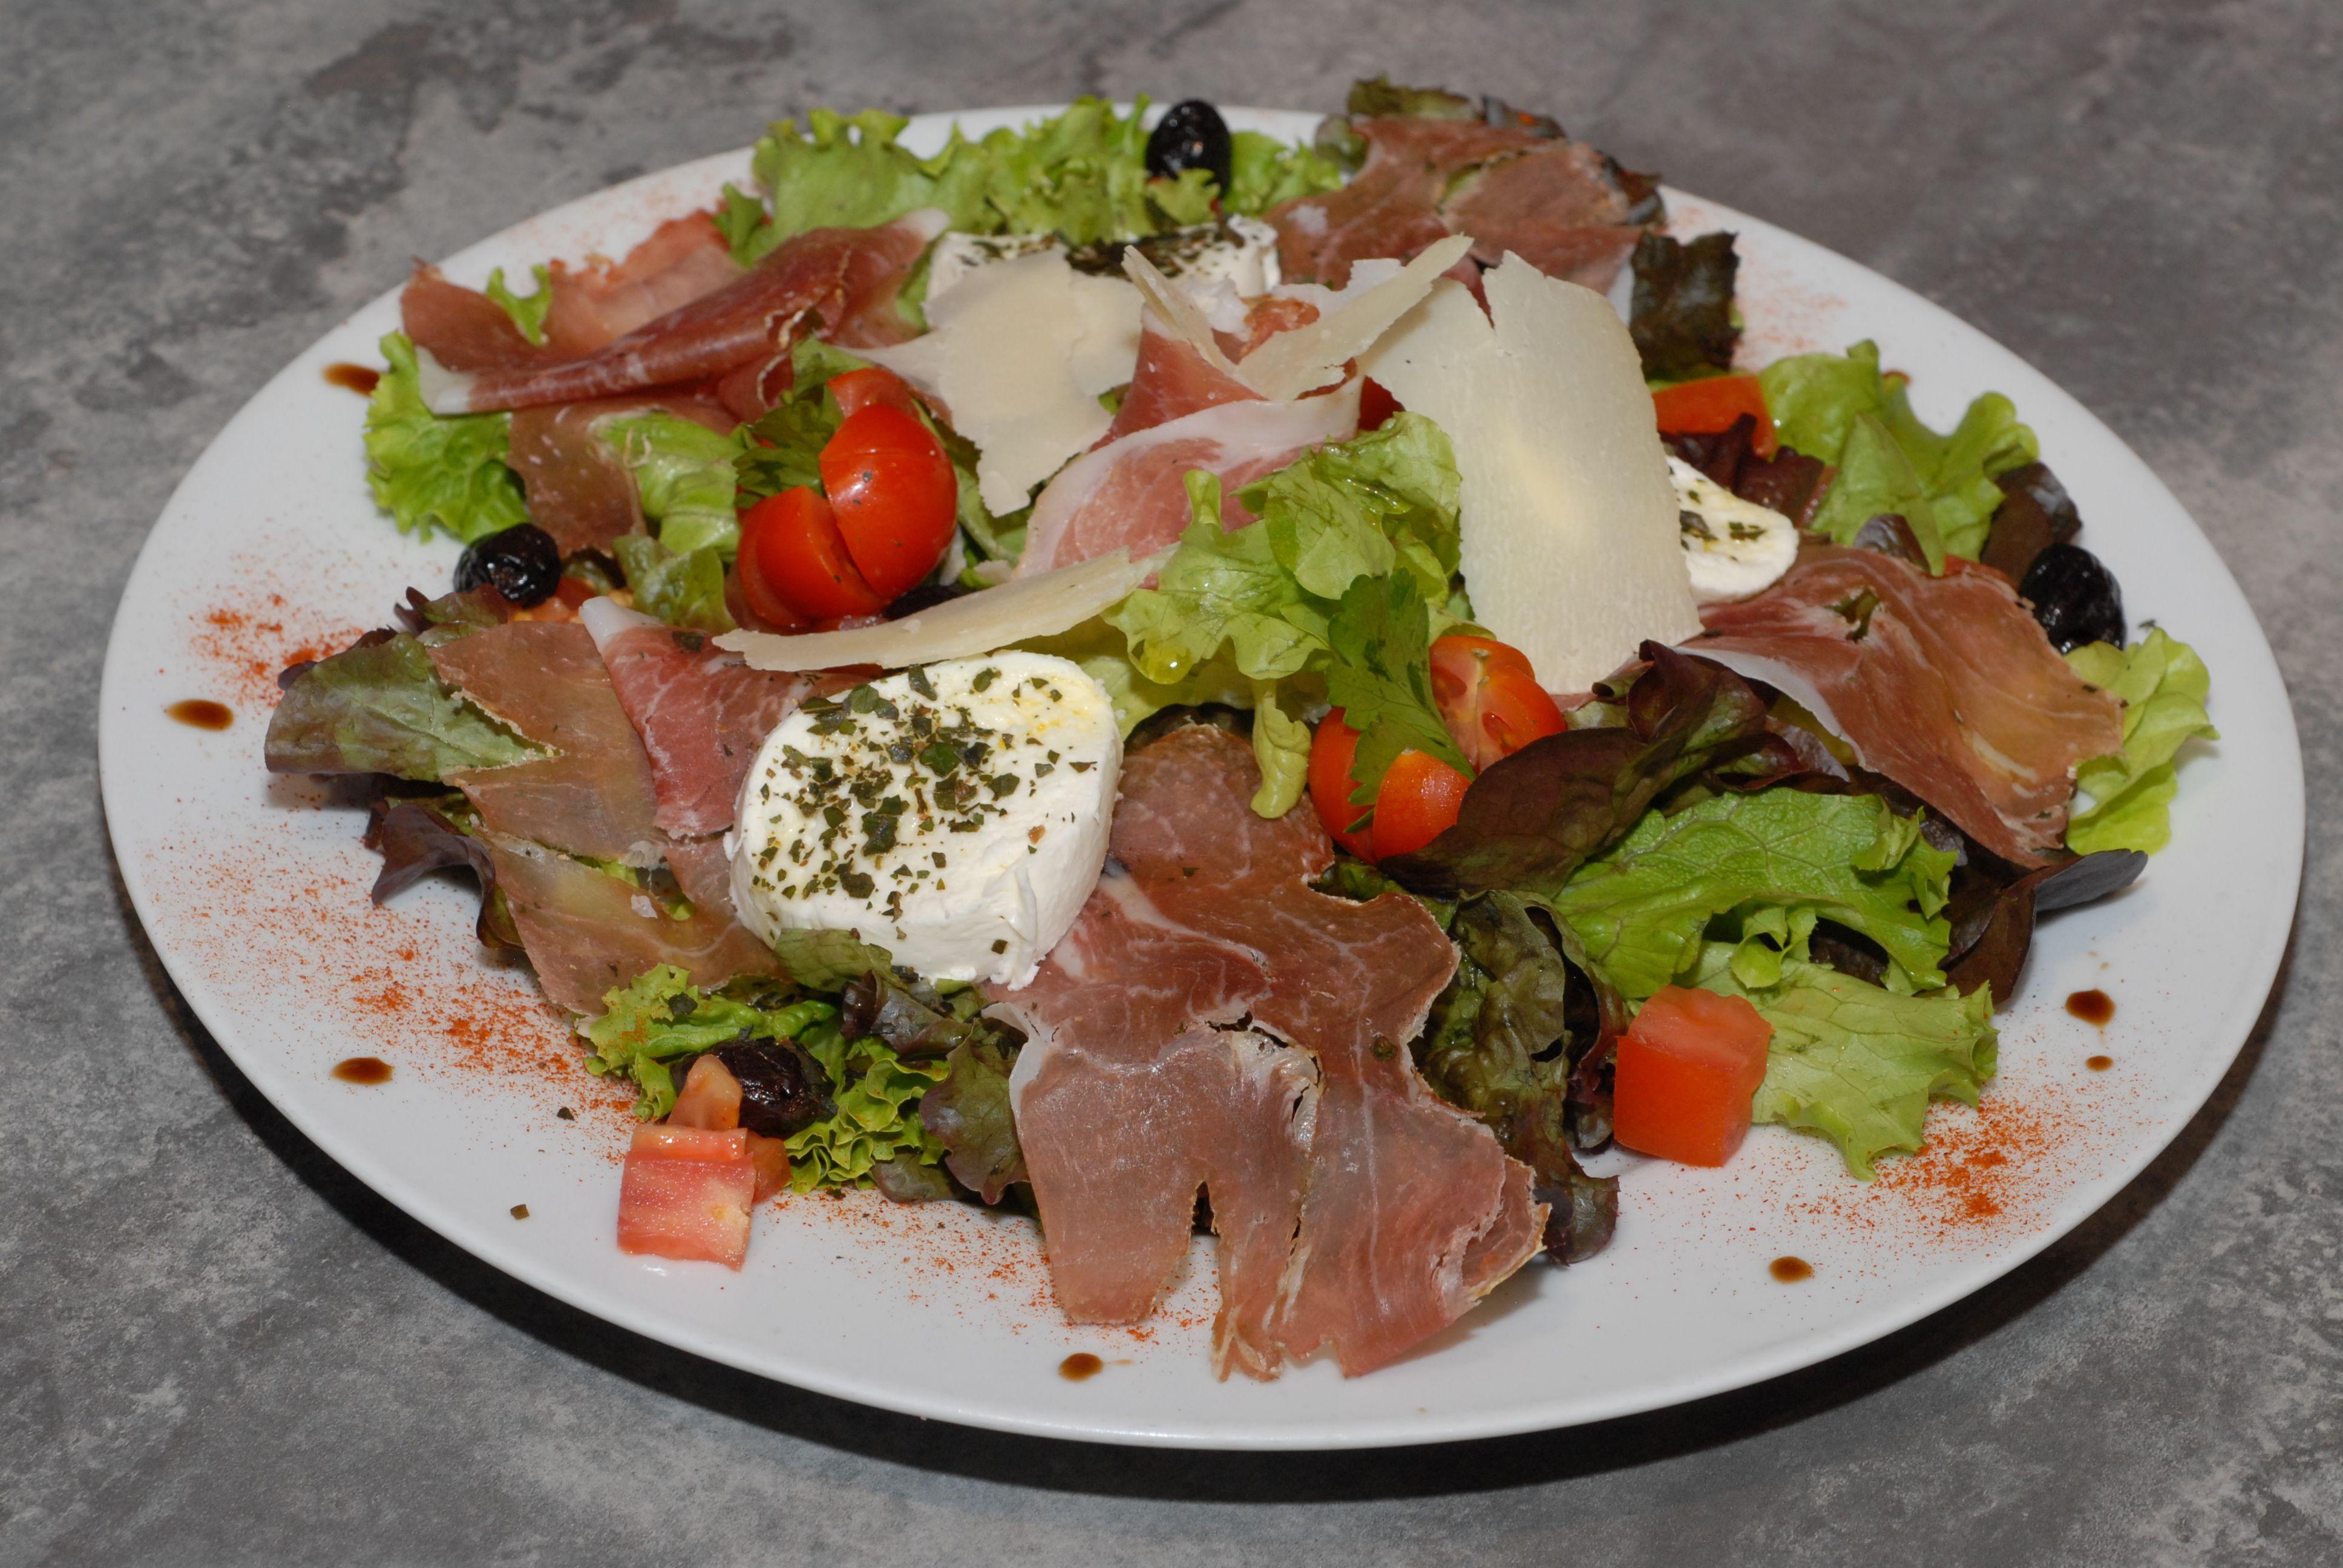 restaurant-pizzeria-echirolles-salade